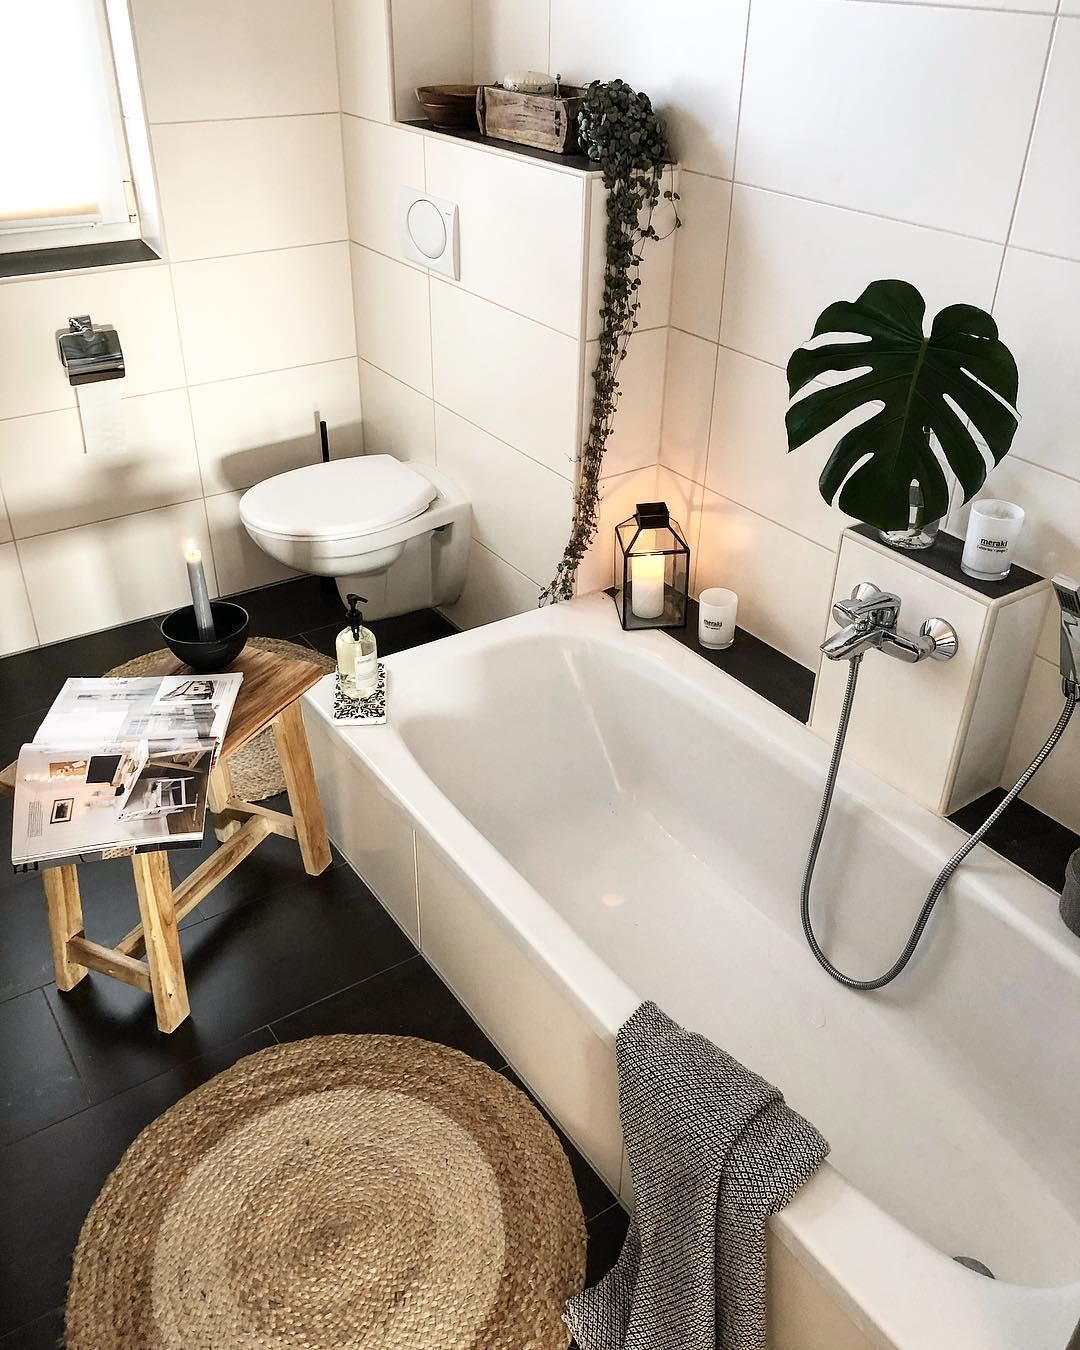 Pin Von Cuddly Monster Auf Badezimmer Bad Deko Ideen Badewanne Ideen Stylische Mobel